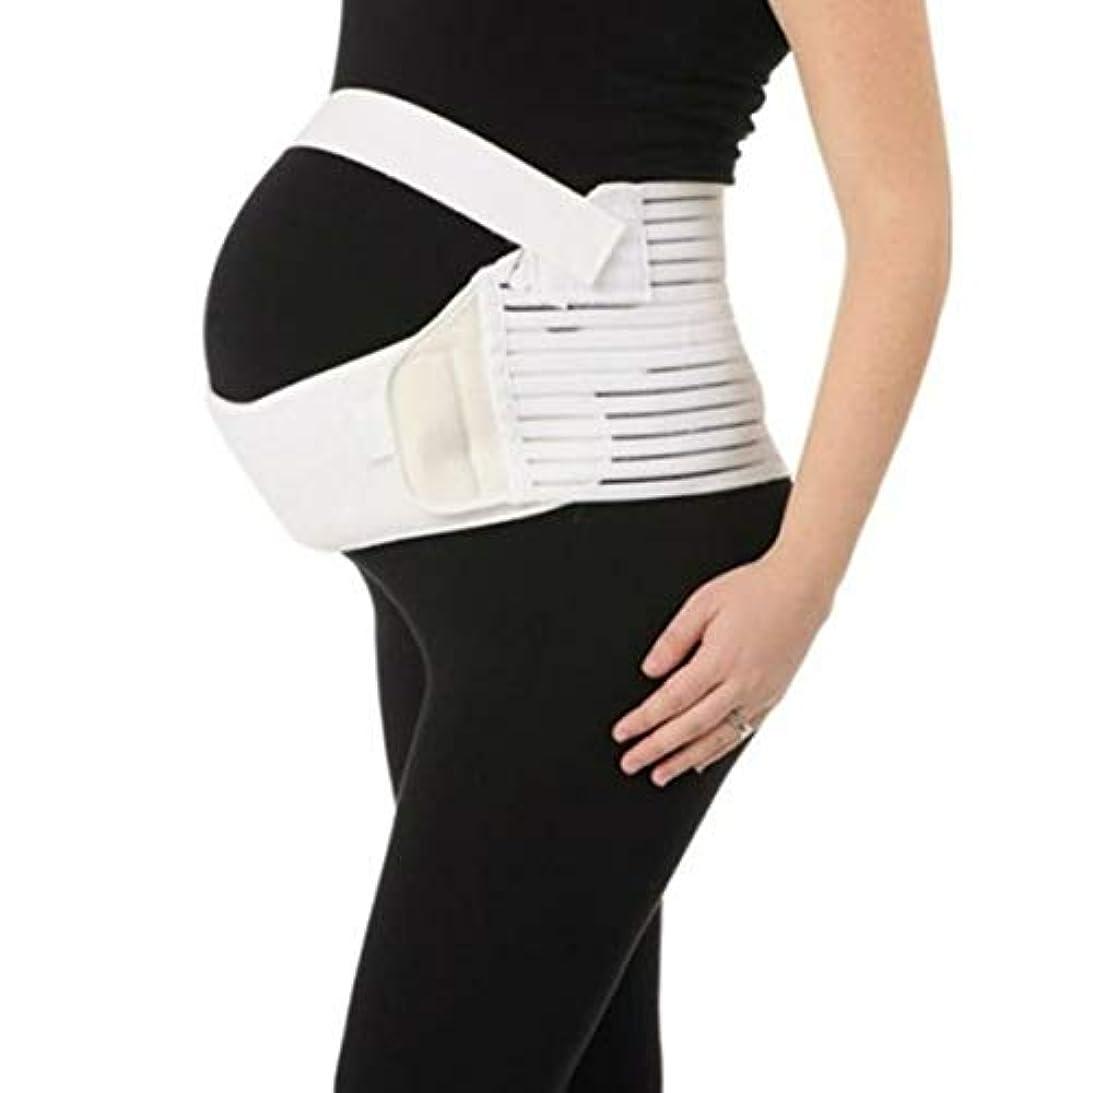 大胆持ってる奨励通気性マタニティベルト妊娠腹部サポート腹部バインダーガードル運動包帯産後の回復shapewear - ホワイトL